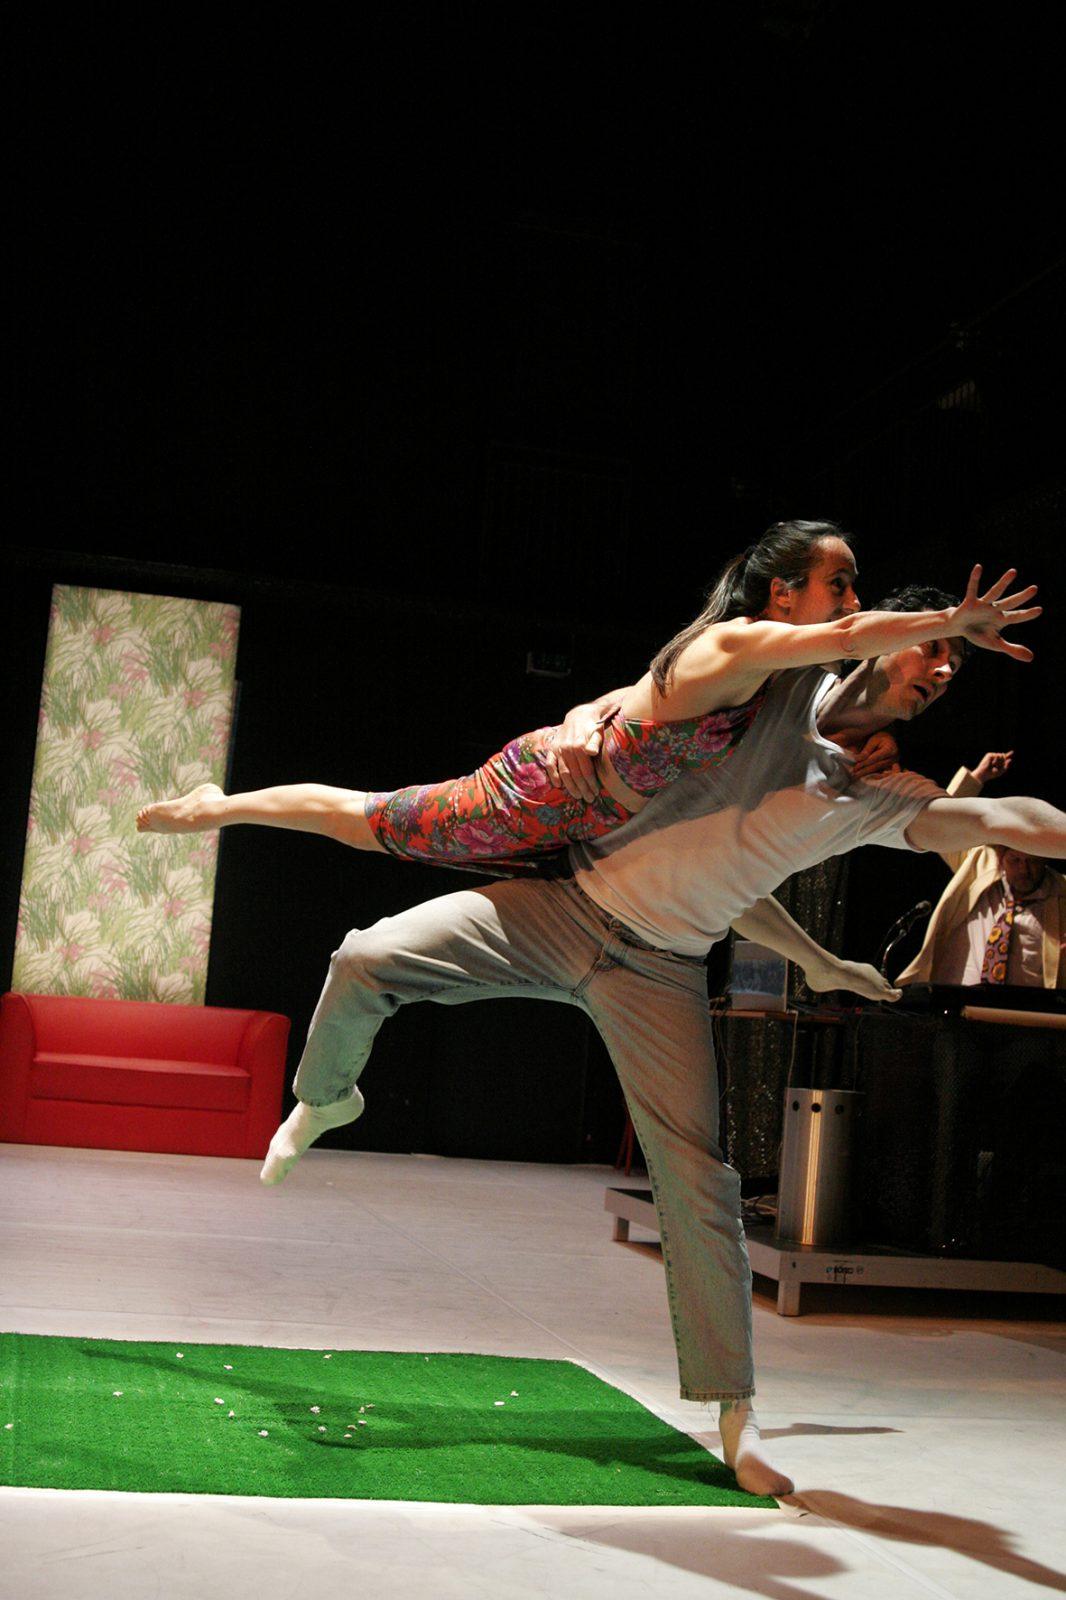 eine Tänzerin liegt auf der Hüfte eines Tänzers der auf einem Bein steht